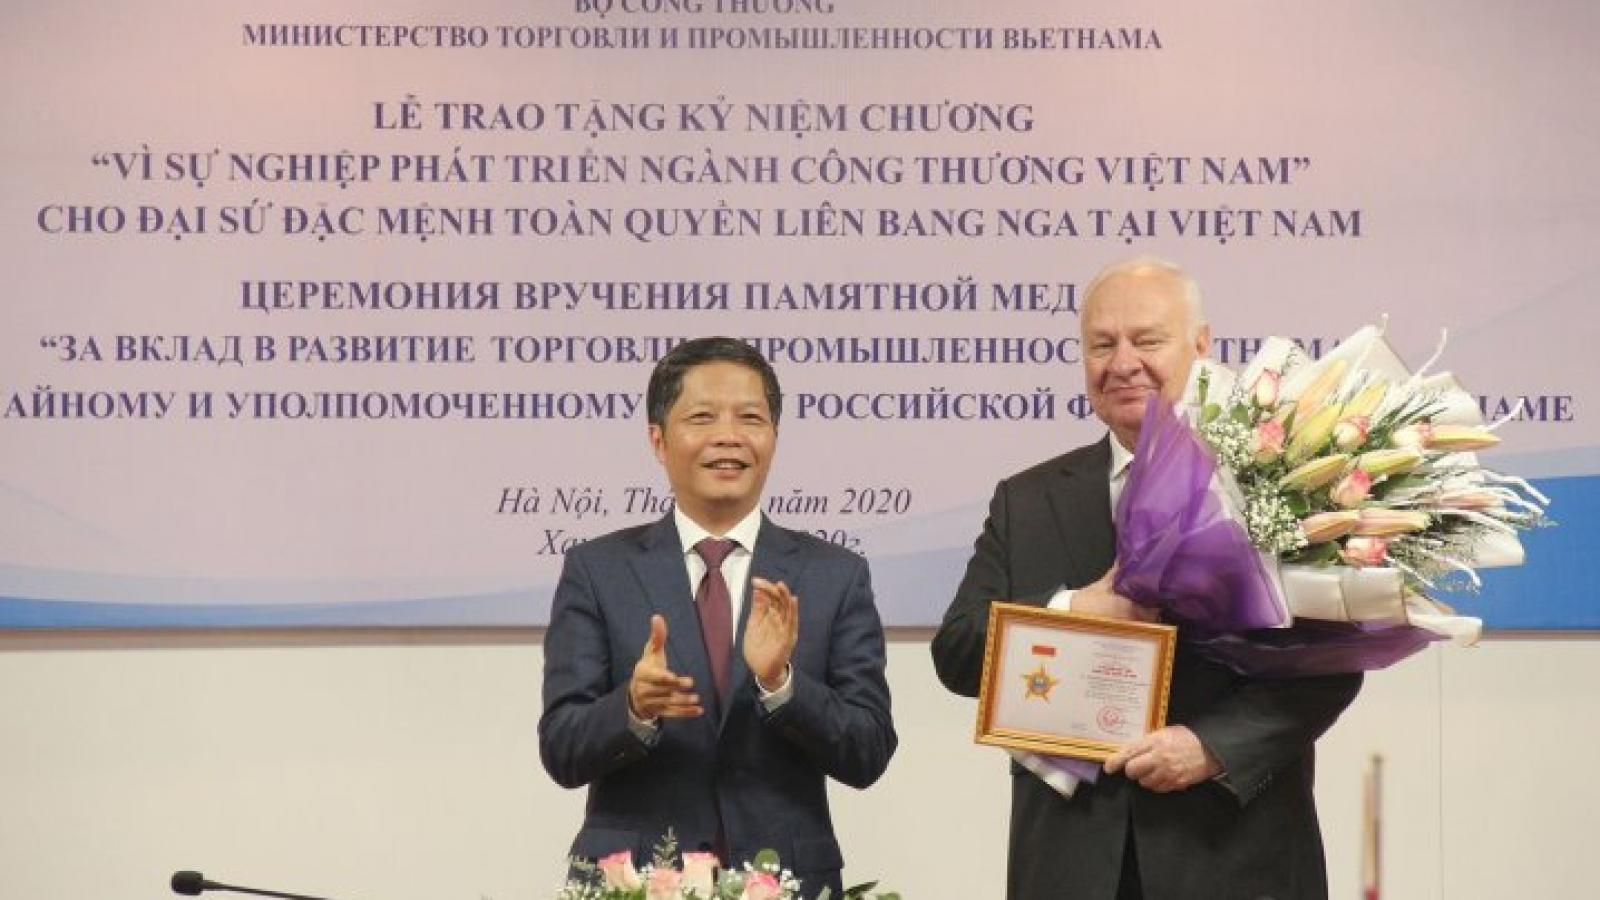 Trao Kỷ niệm chương cho Đại sứ đặc mệnh toàn quyền Liên bang Nga tại Việt Nam